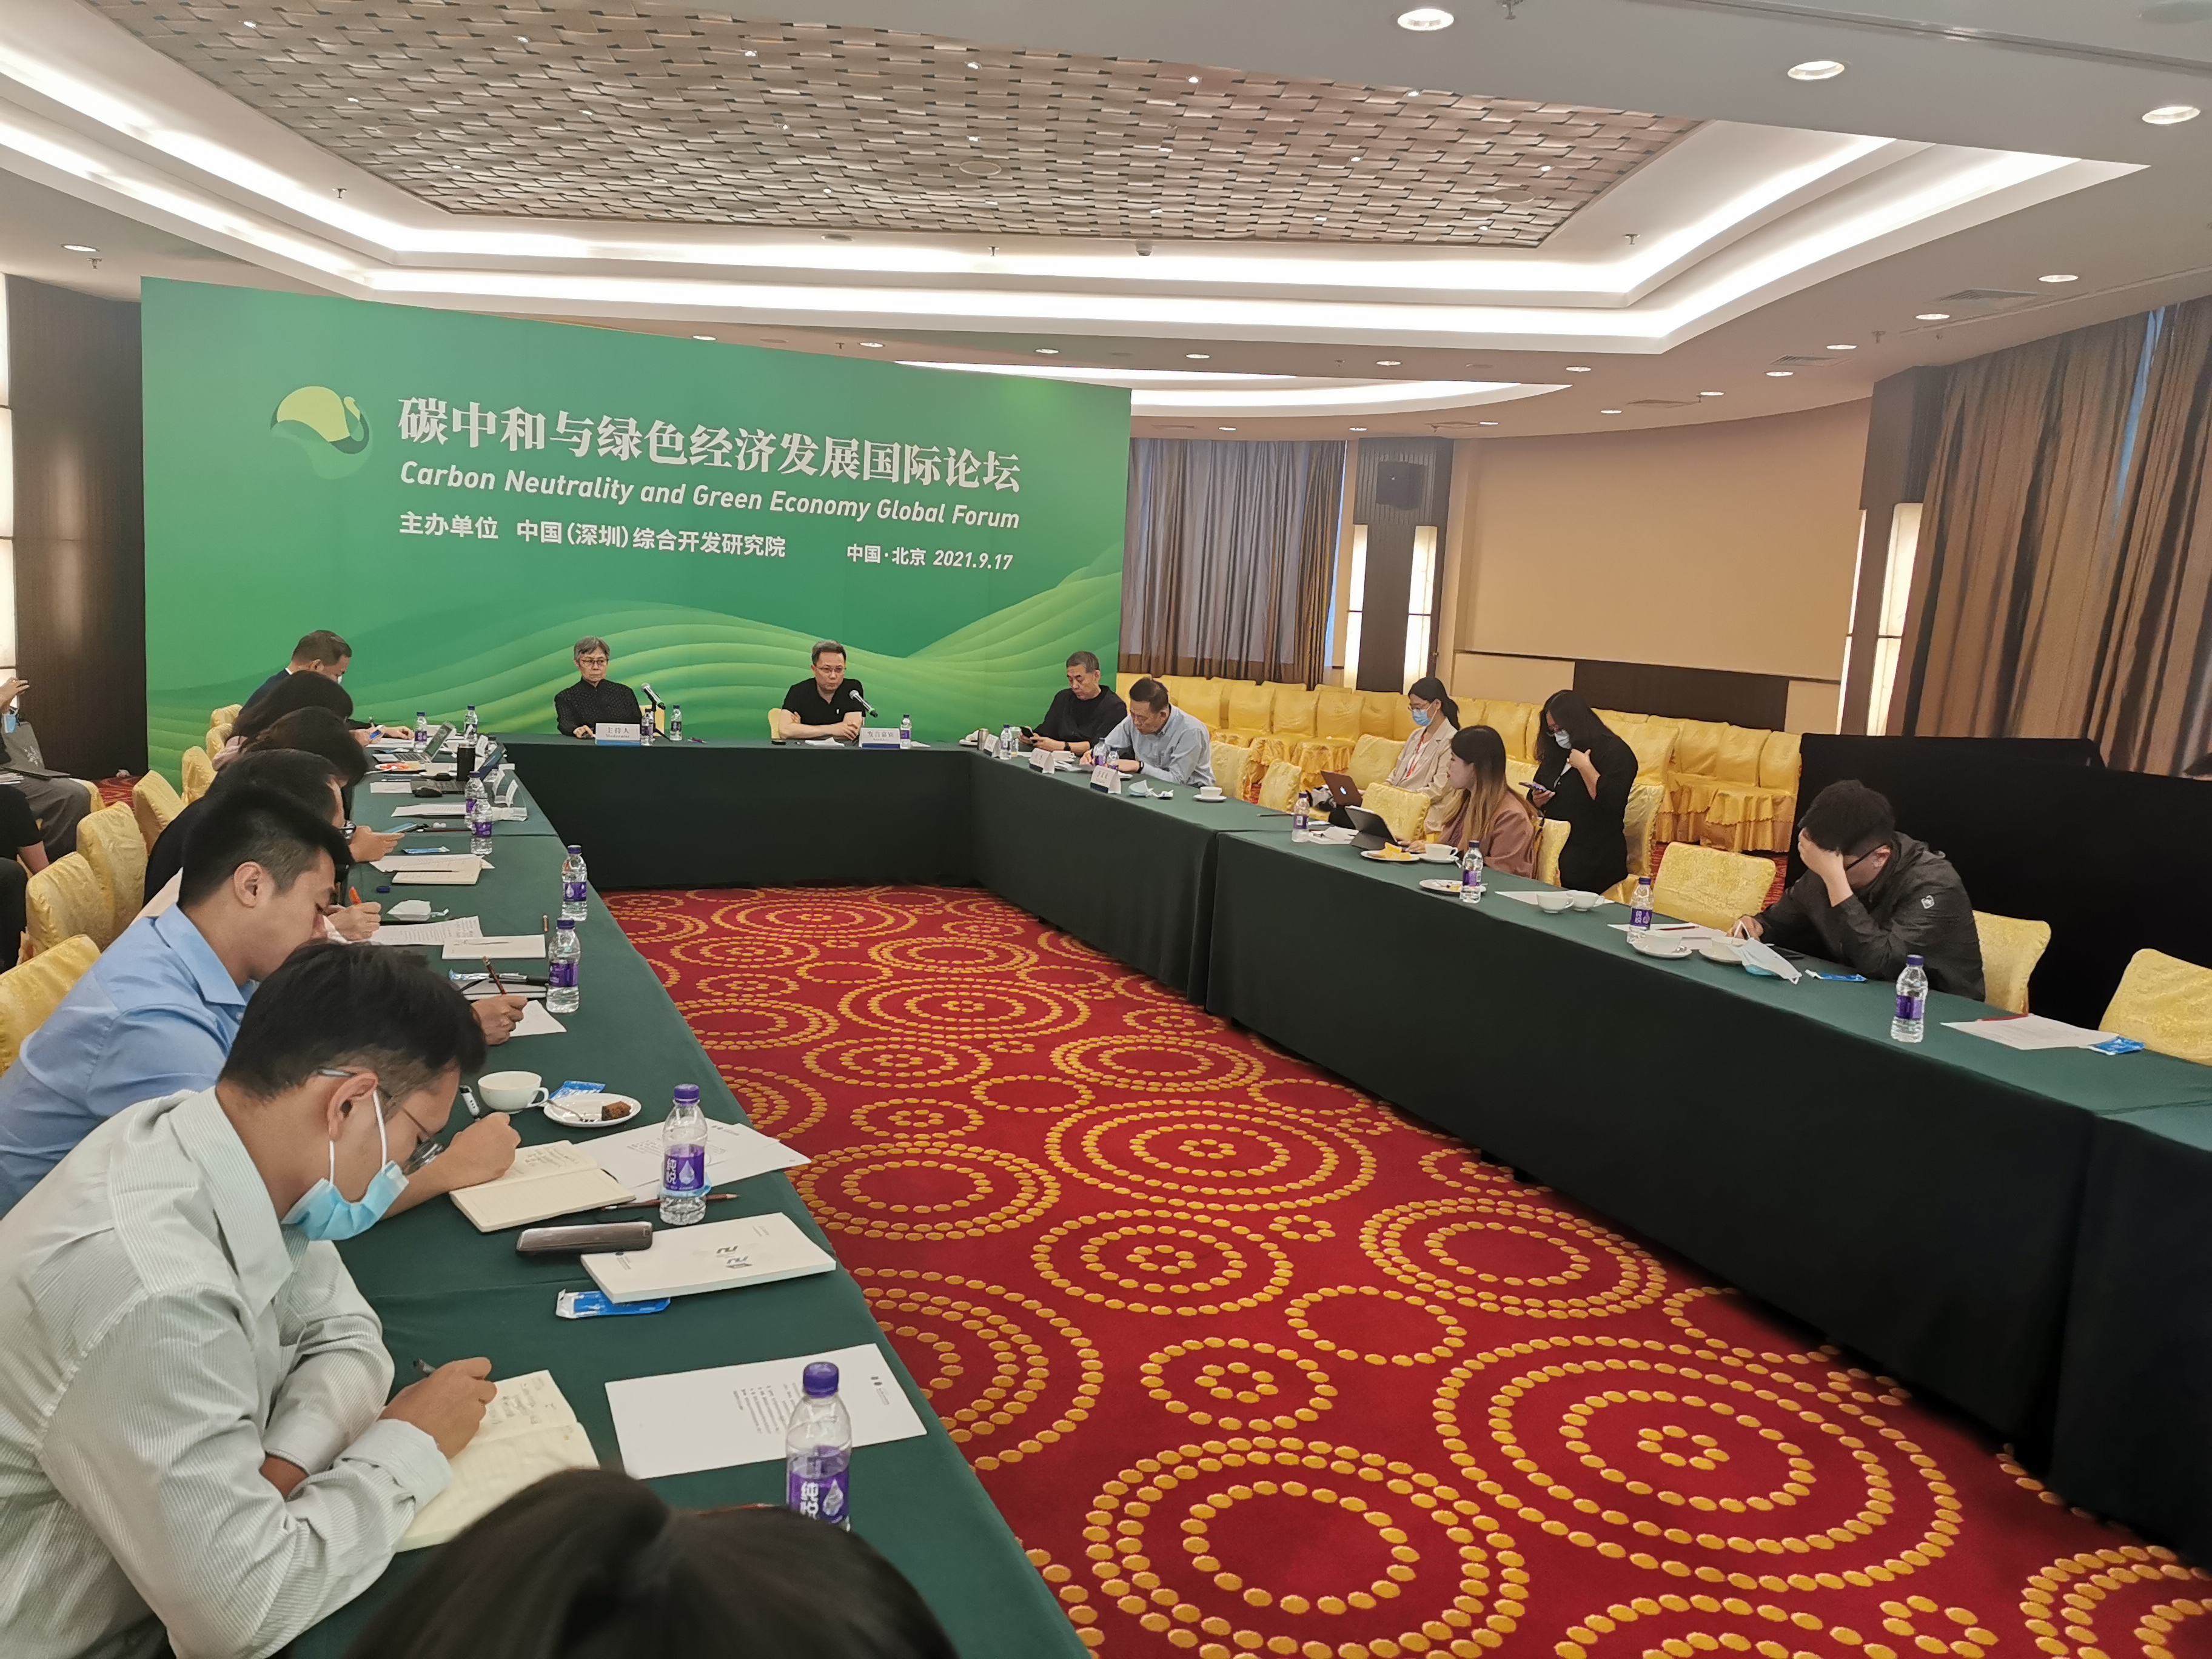 碳中和与绿色经济发展国际论坛举行,就如何推动国际合作等展开研讨